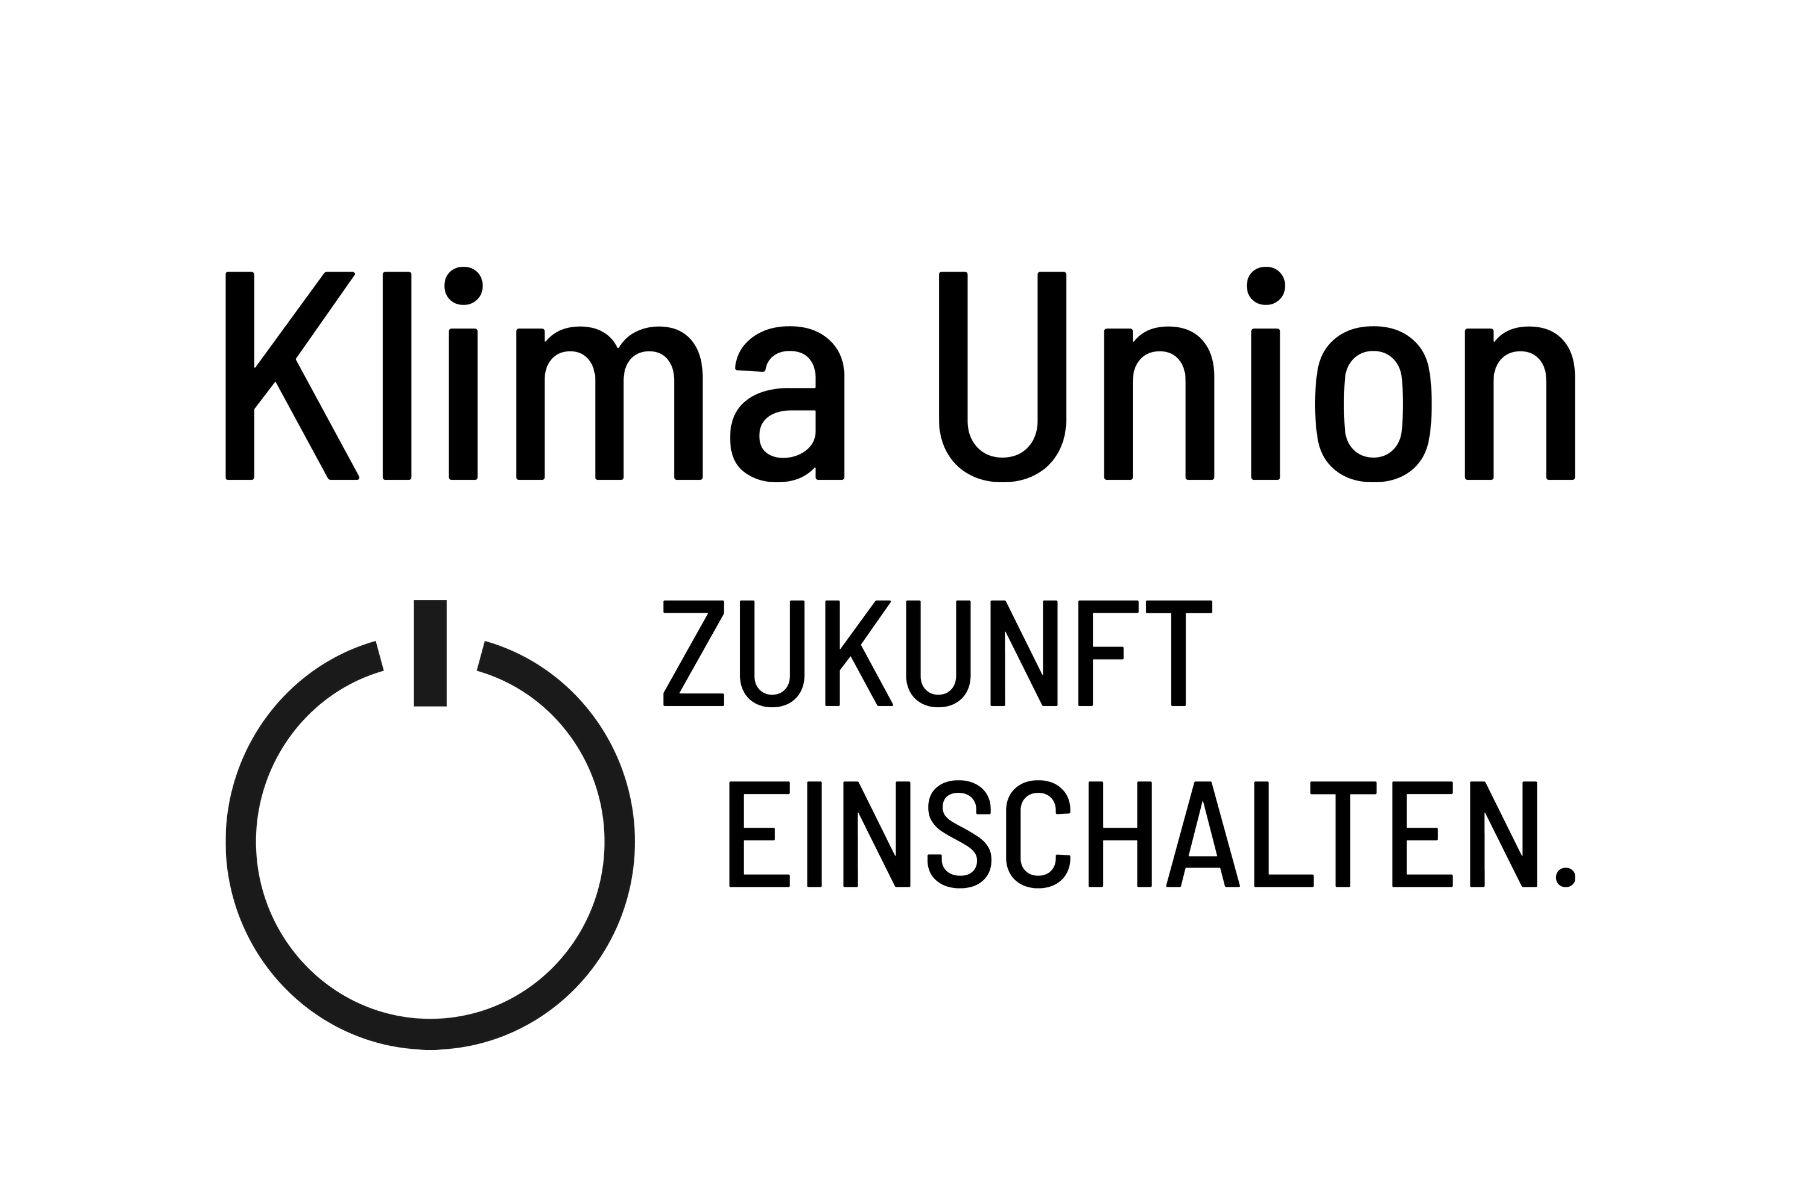 KlimaUnion begrüßt die Fahrrad-Kaufprämien und den Klimabonus im Verkehr